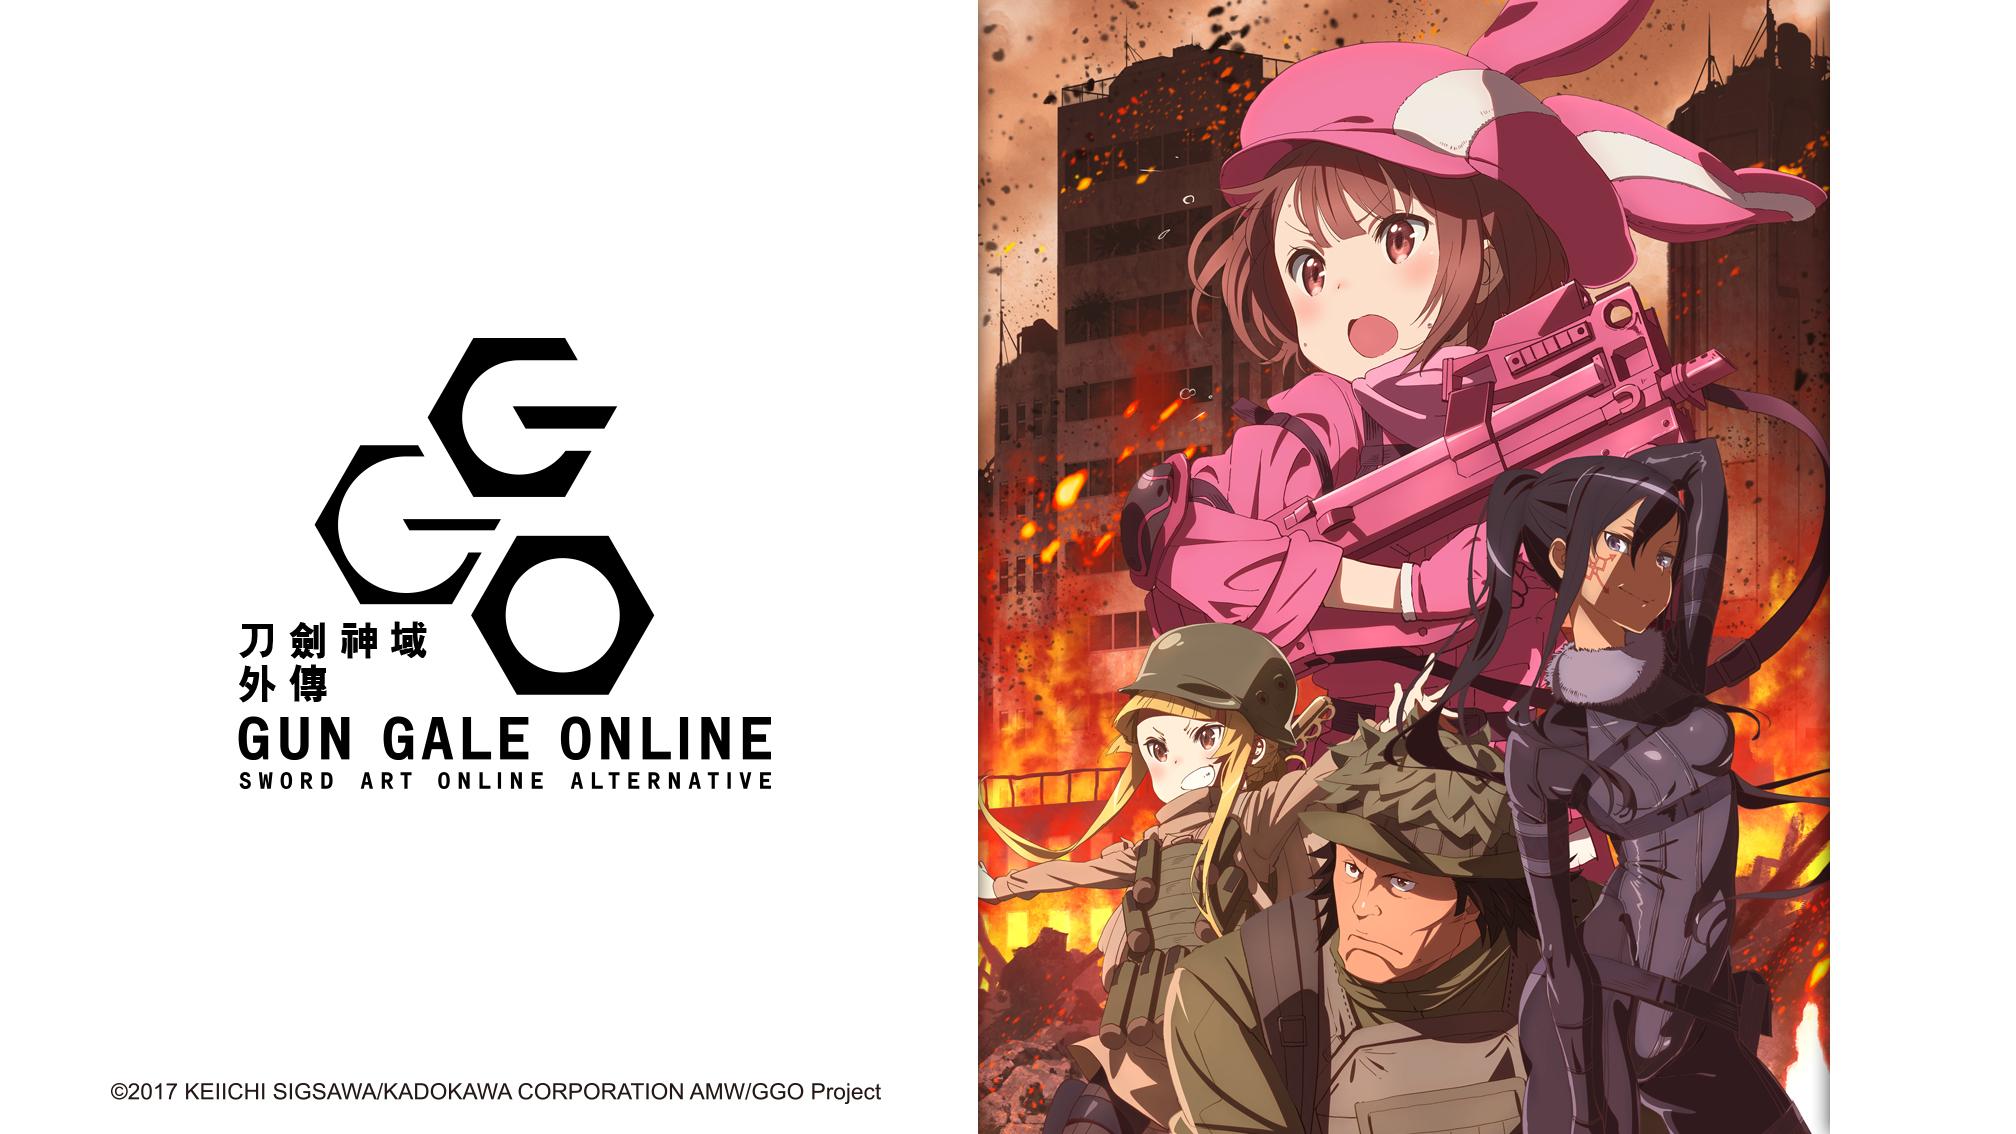 刀劍神域外傳 Gun Gale Online